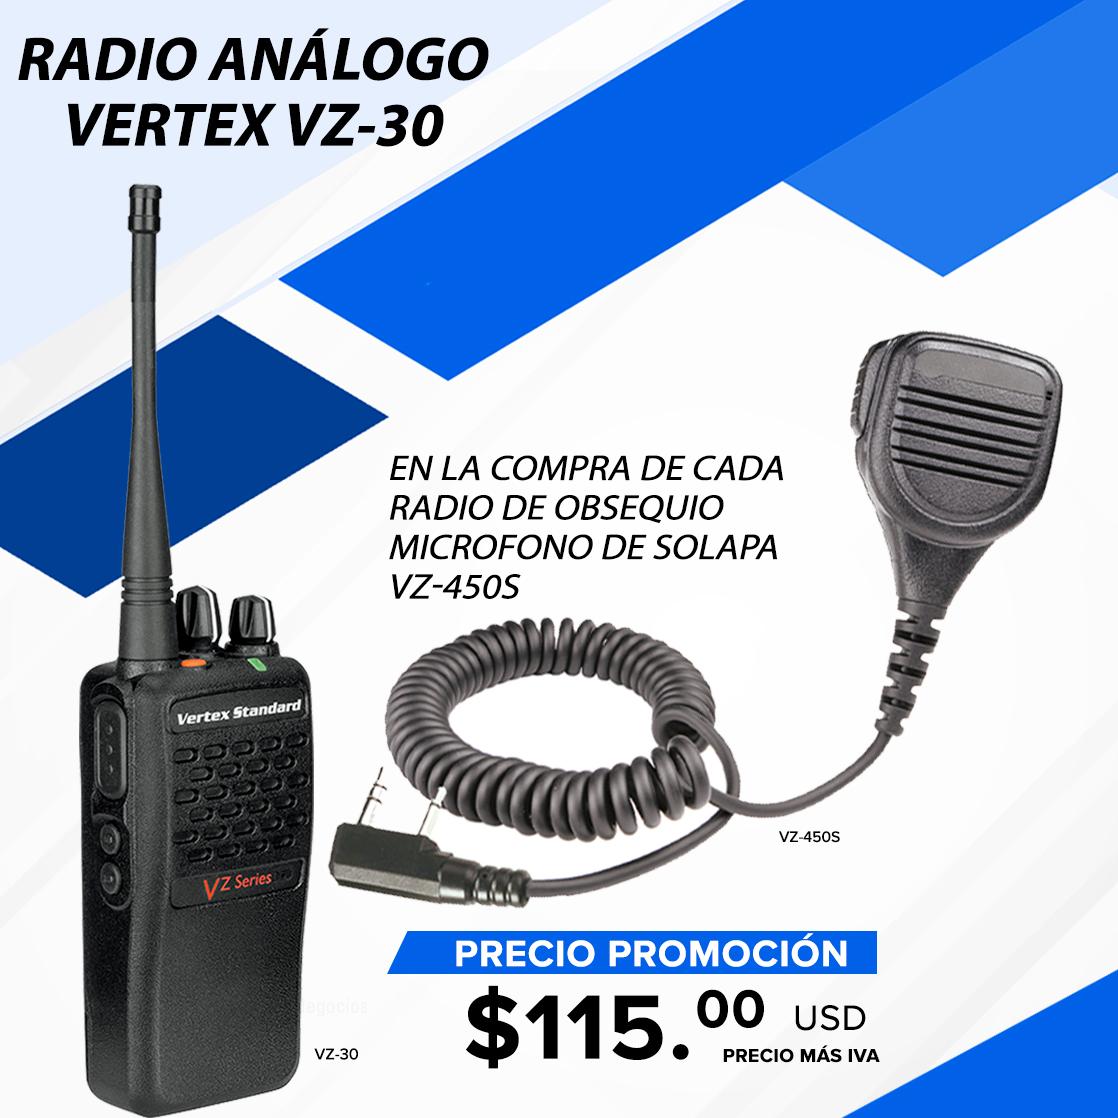 VZ-30 + micrófono de solapa